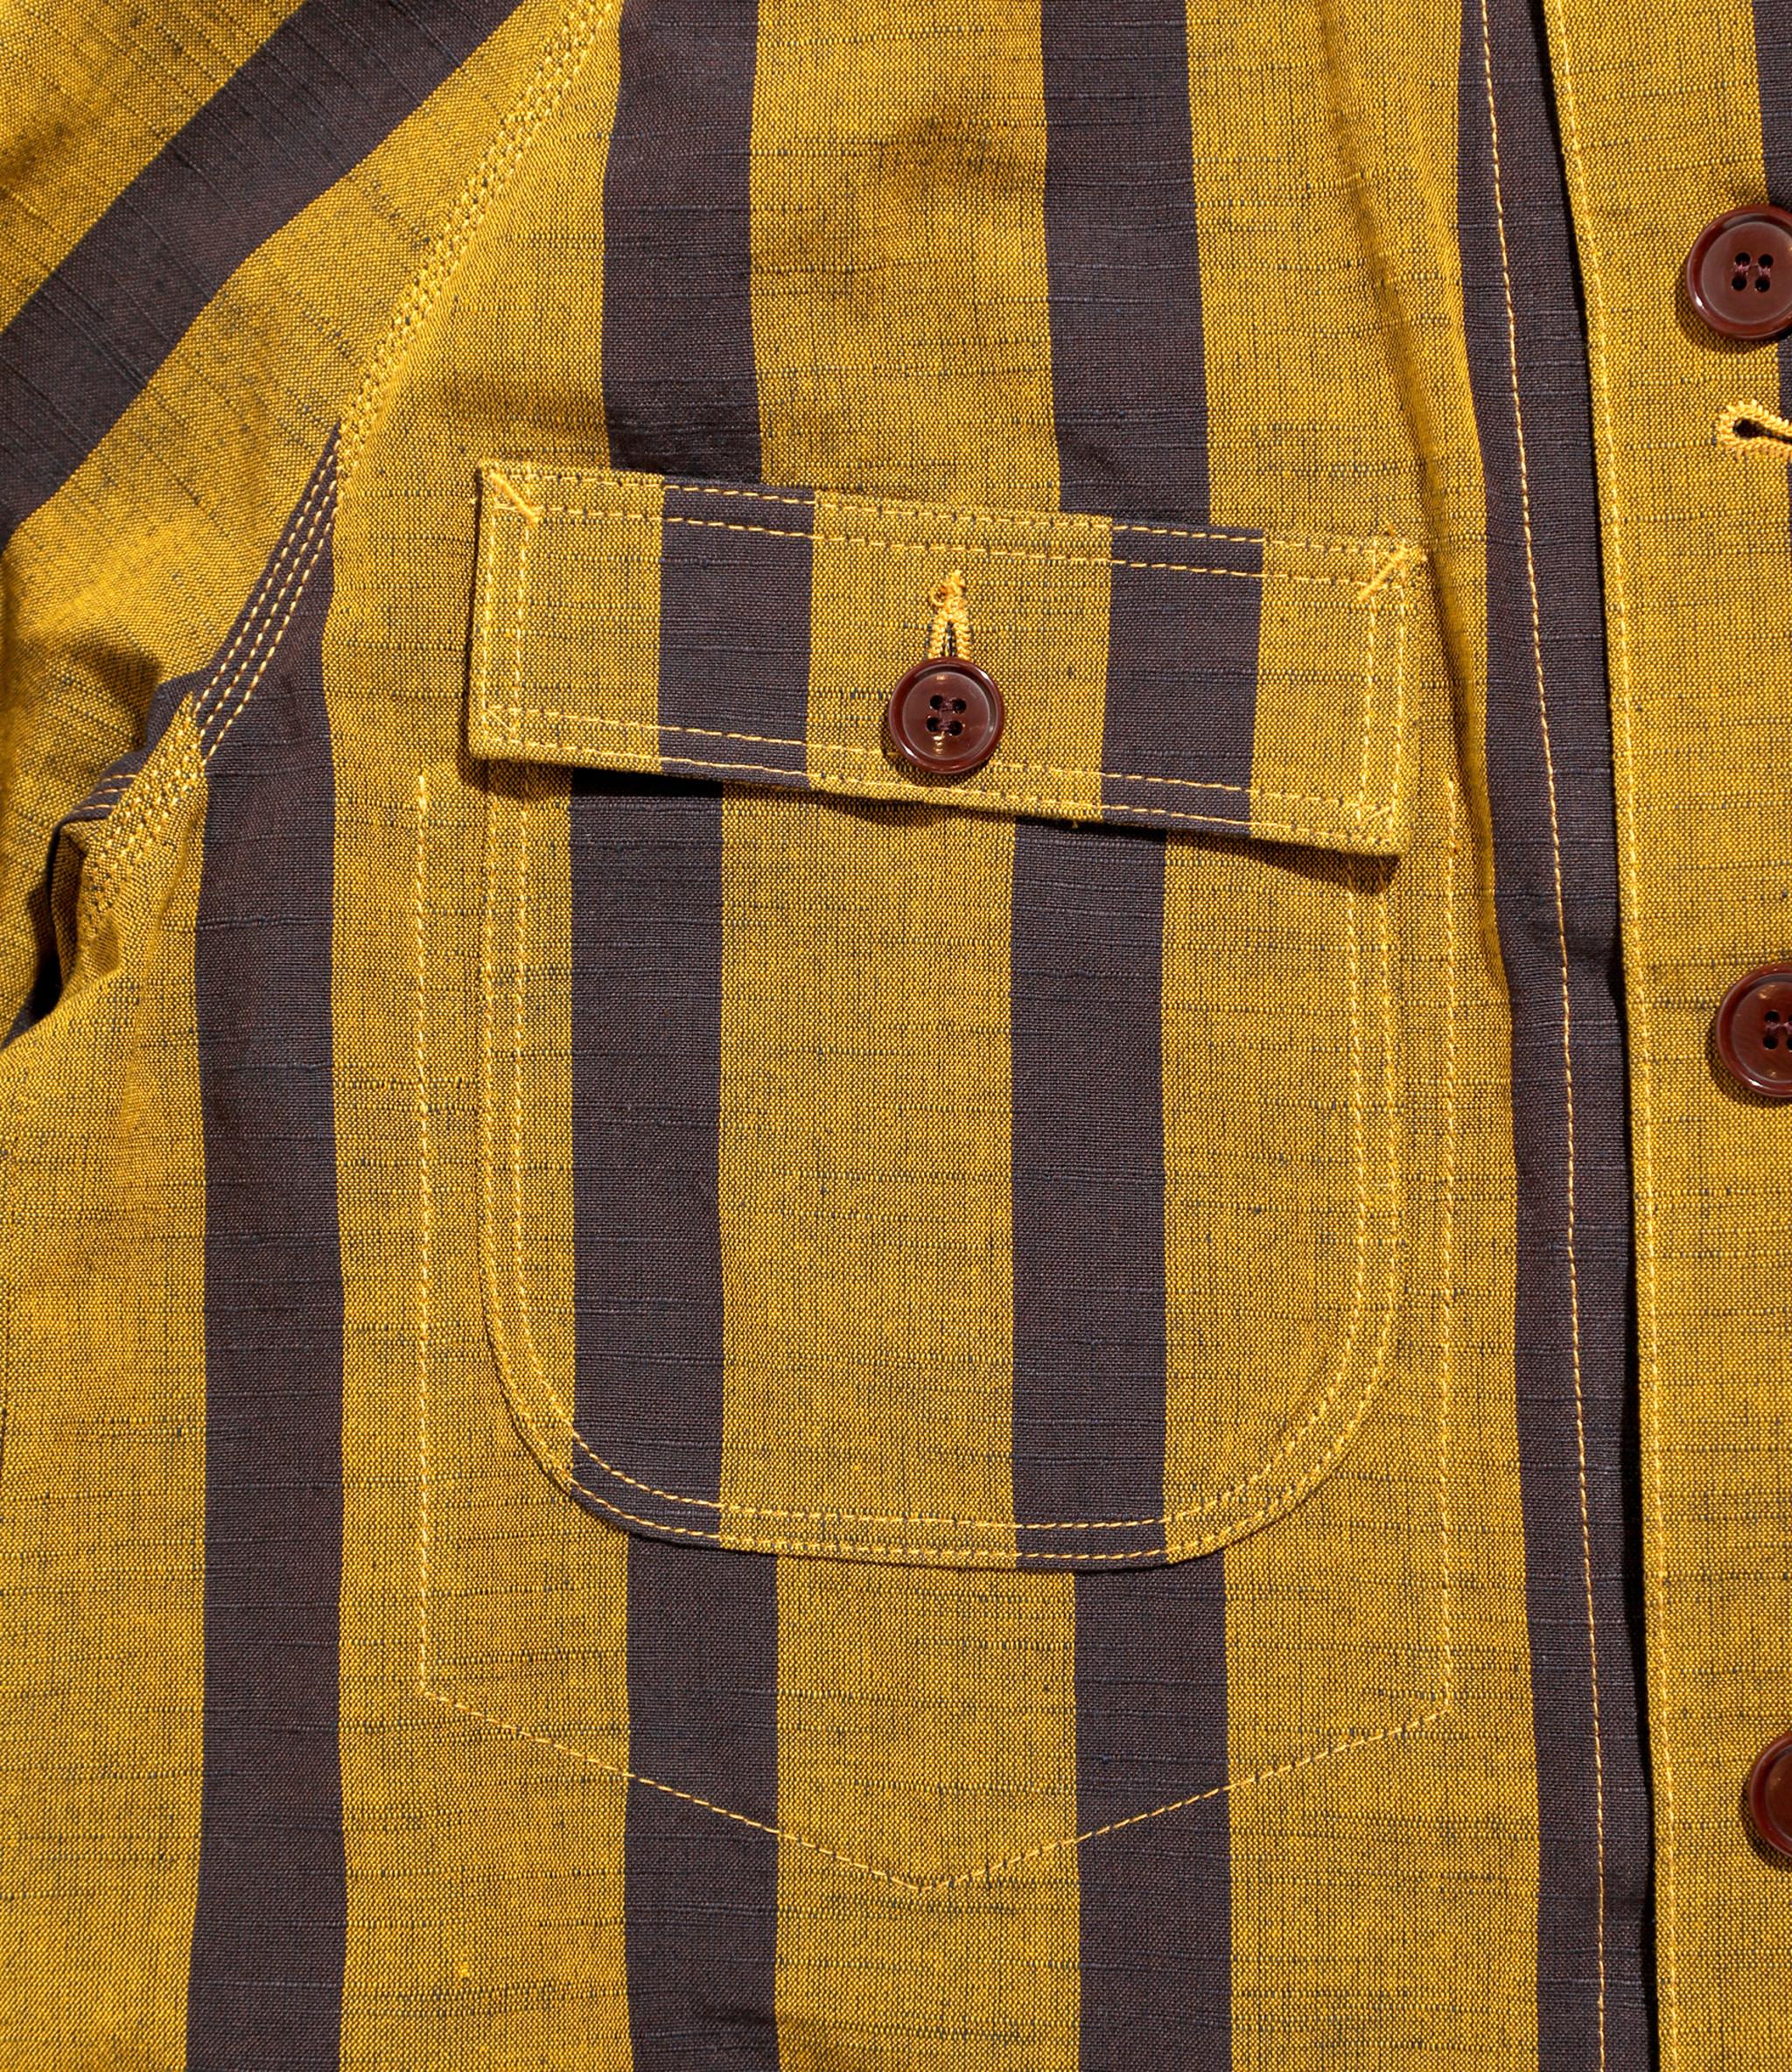 Needles Chore Coat - Aizu-Tsumugi - Mustard/Maroon